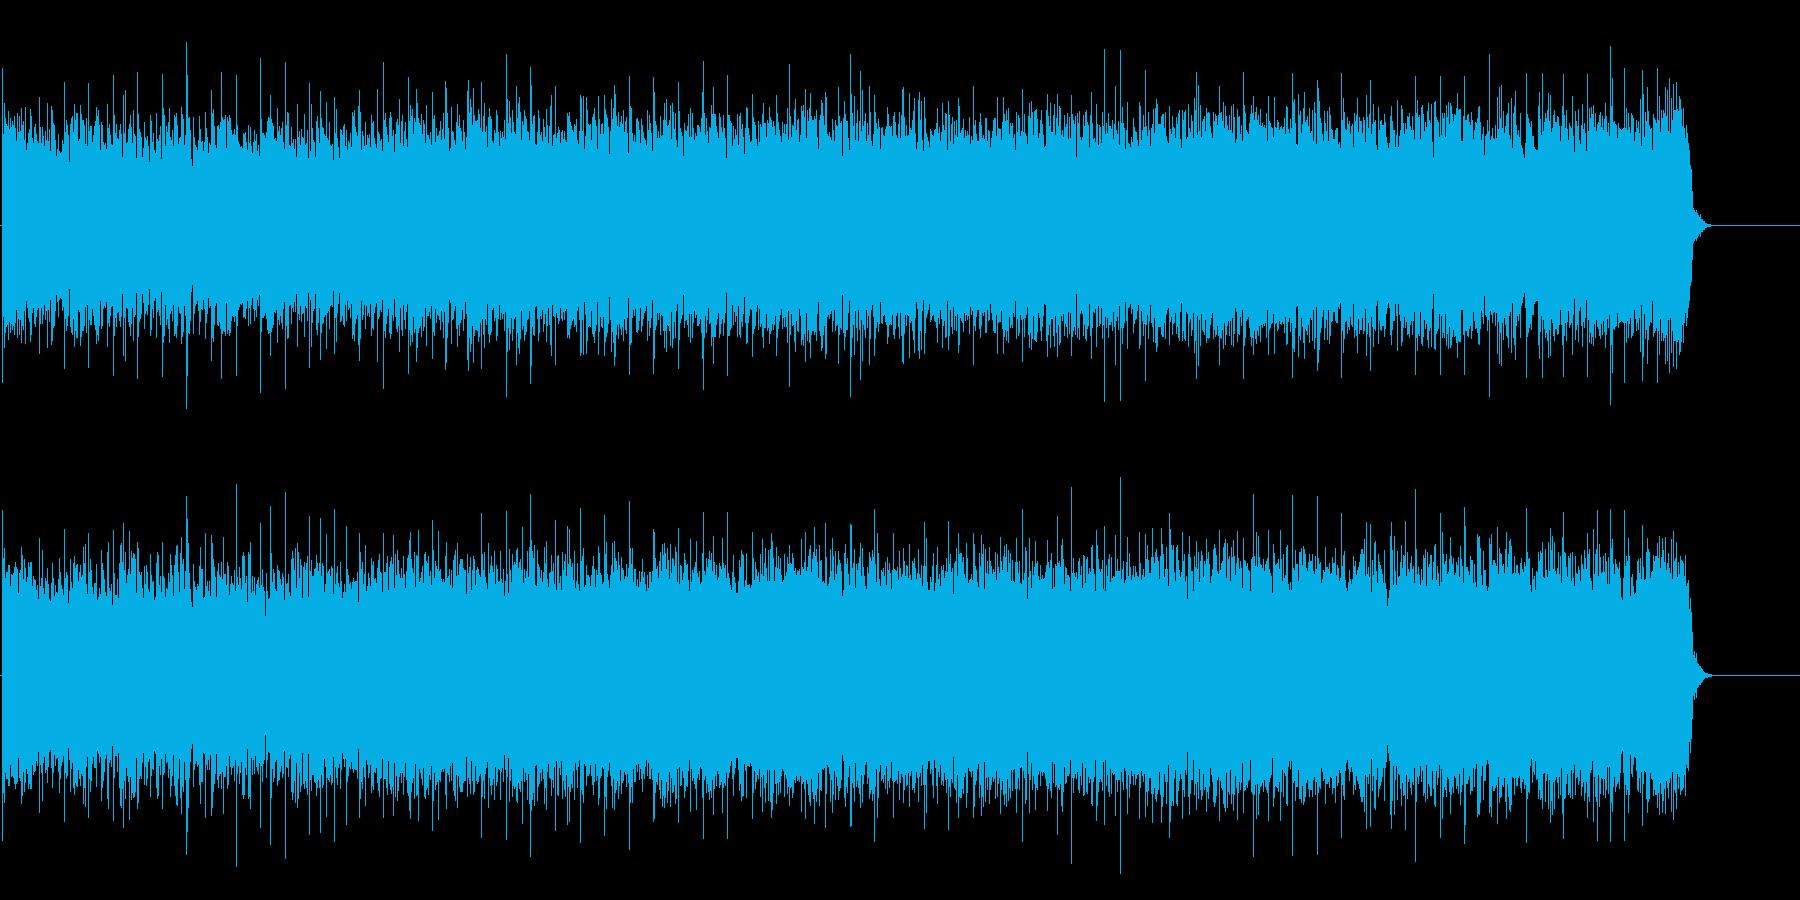 気持ち高ぶる情熱的なヘヴィロックの再生済みの波形